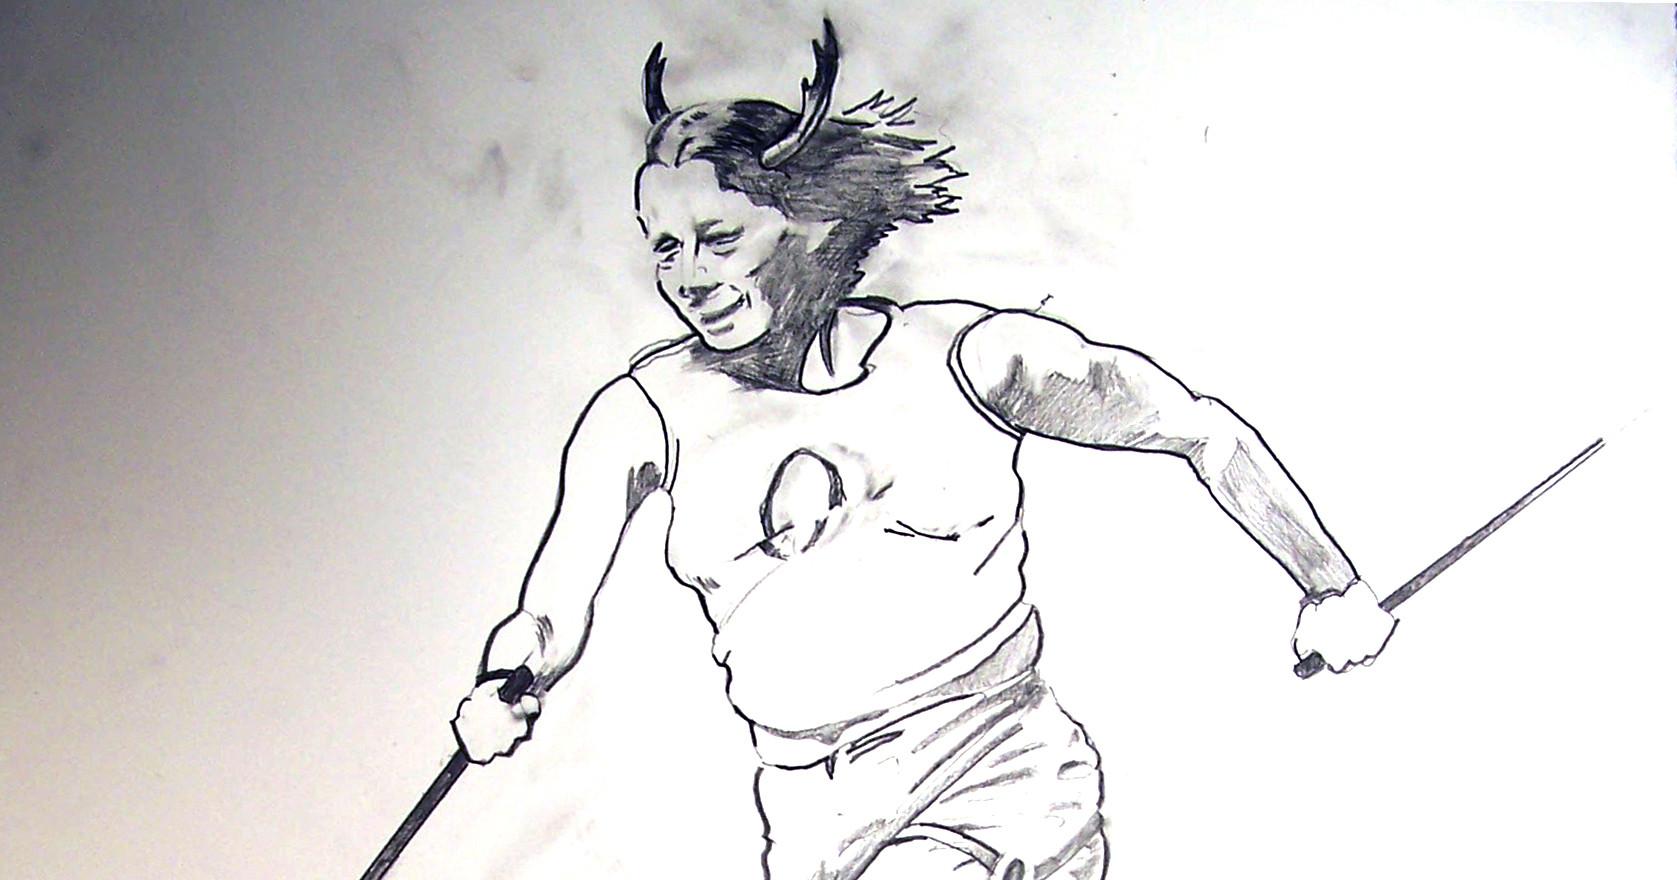 Drawing for Enhanced Runner